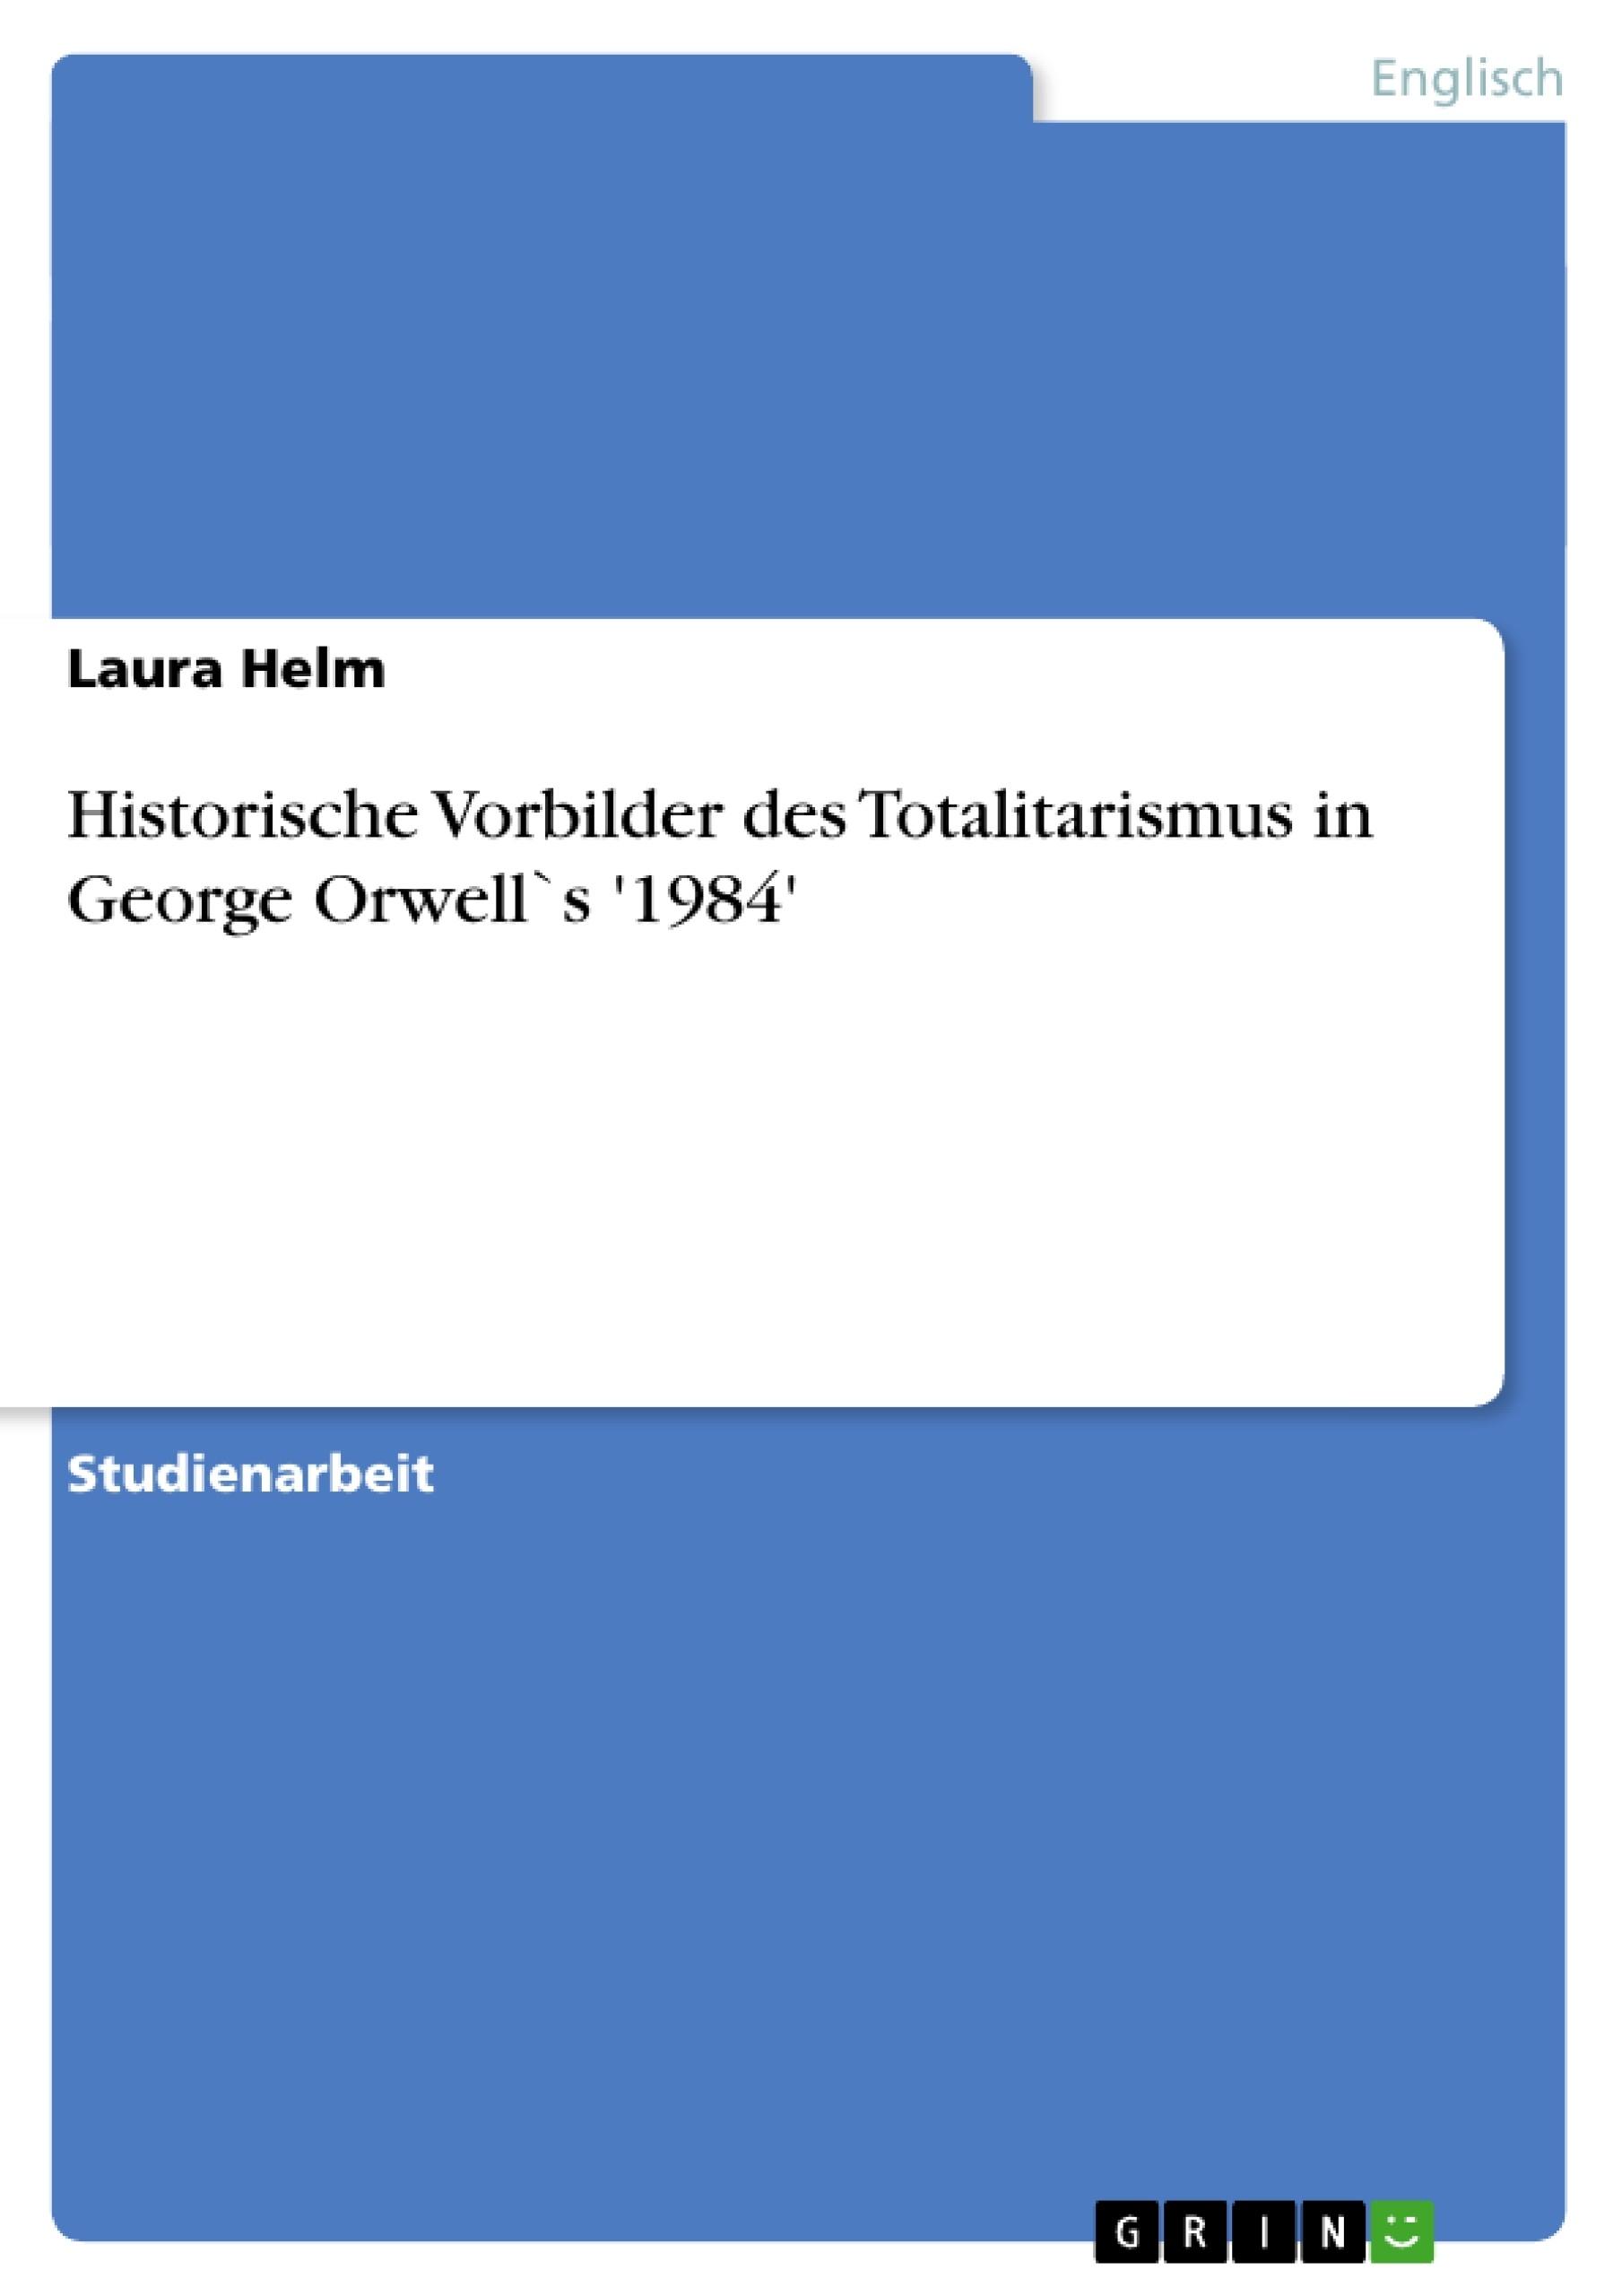 Titel: Historische Vorbilder des Totalitarismus in George Orwell`s '1984'